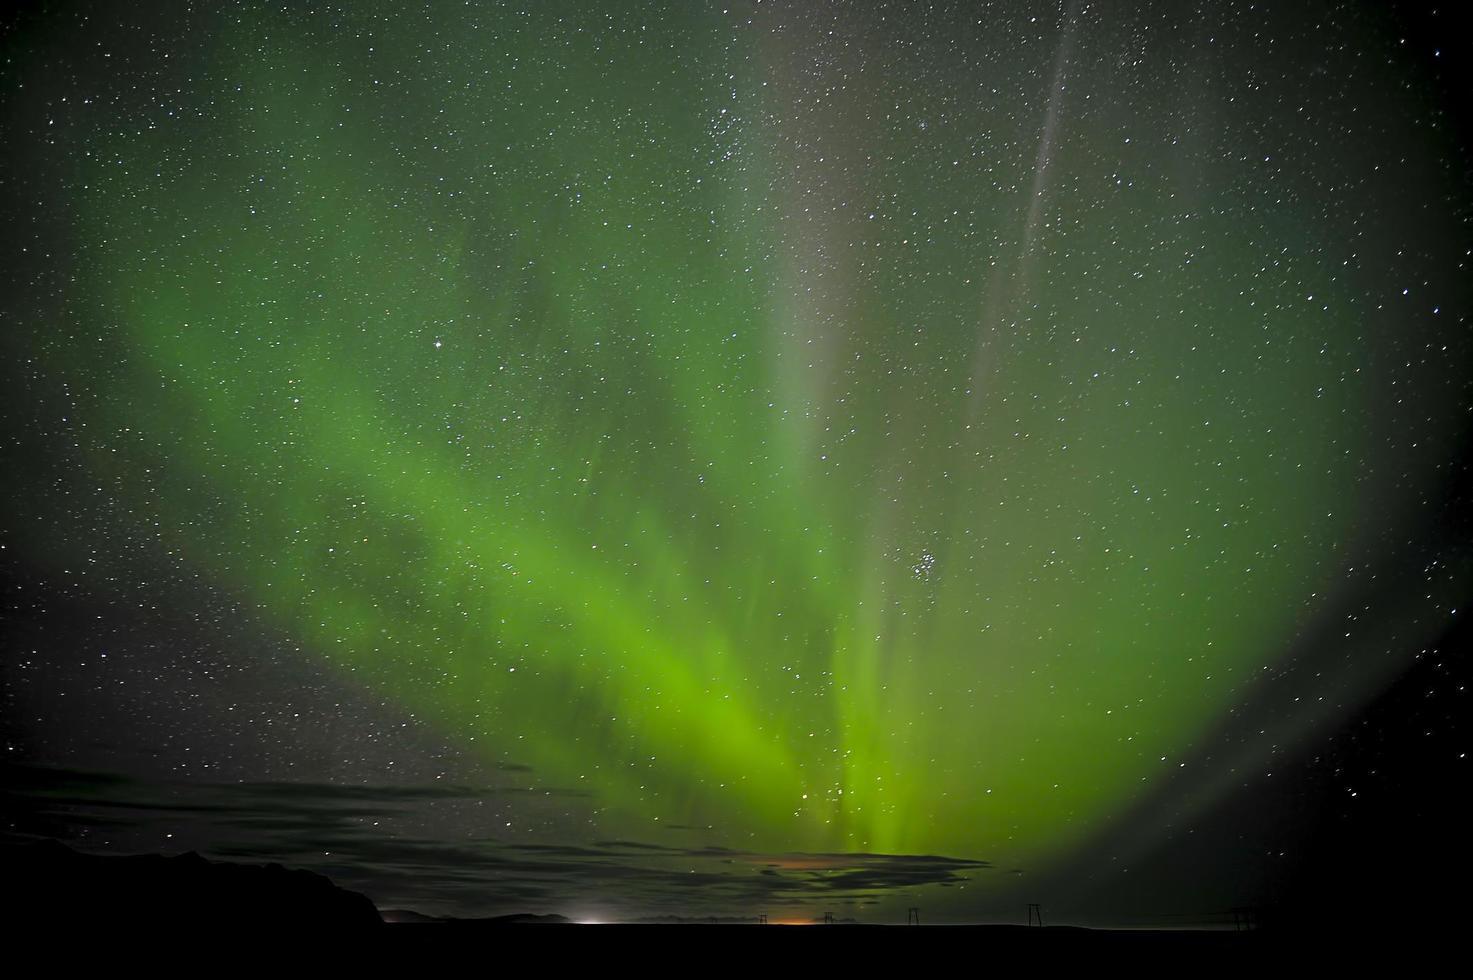 Aurora Borealis in Iceland photo